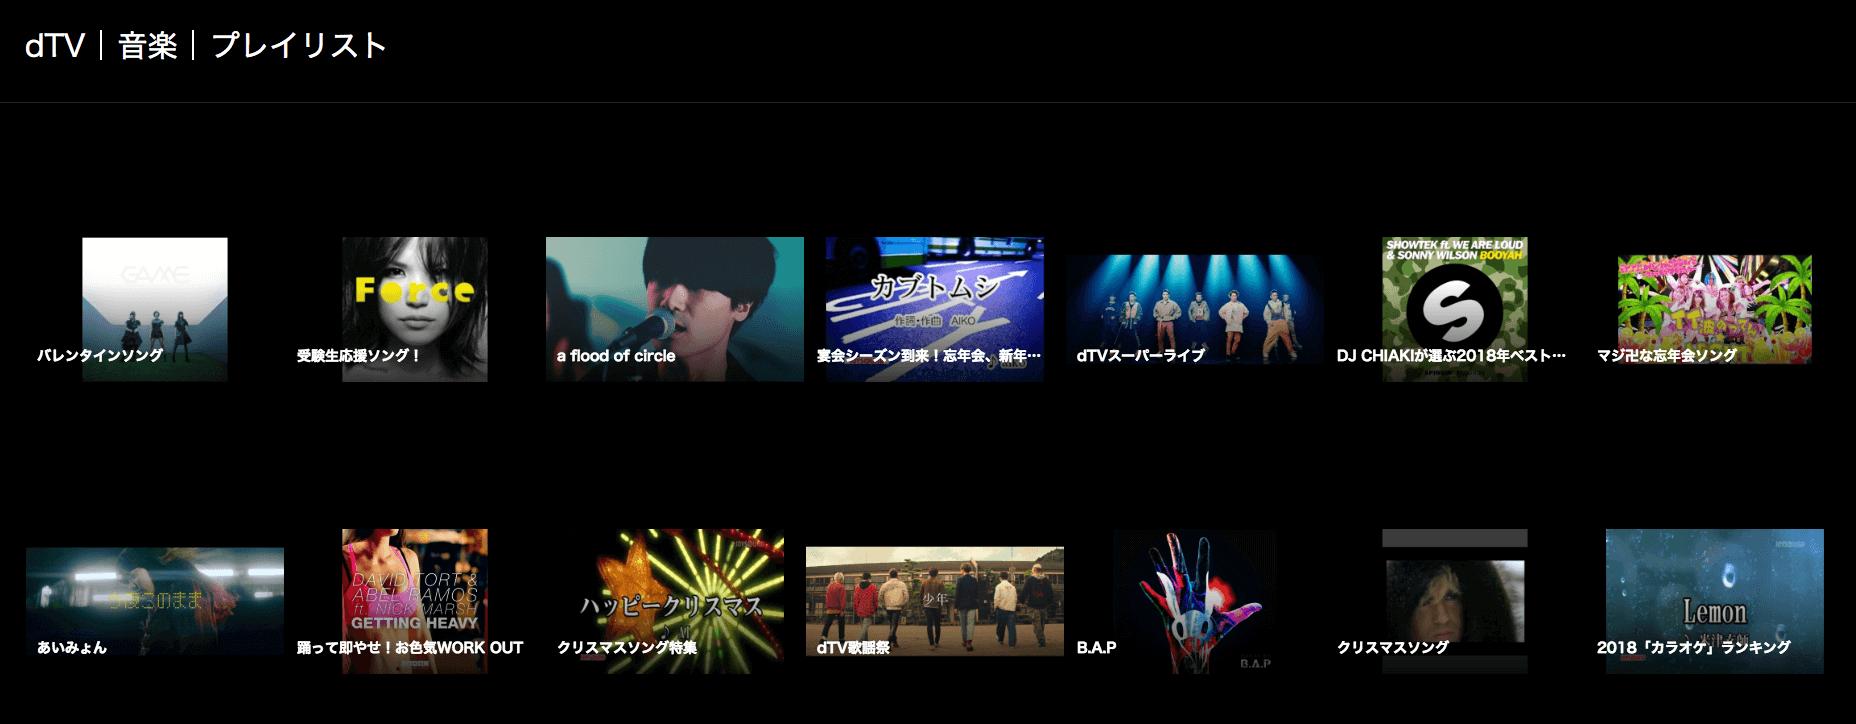 dTV 音楽